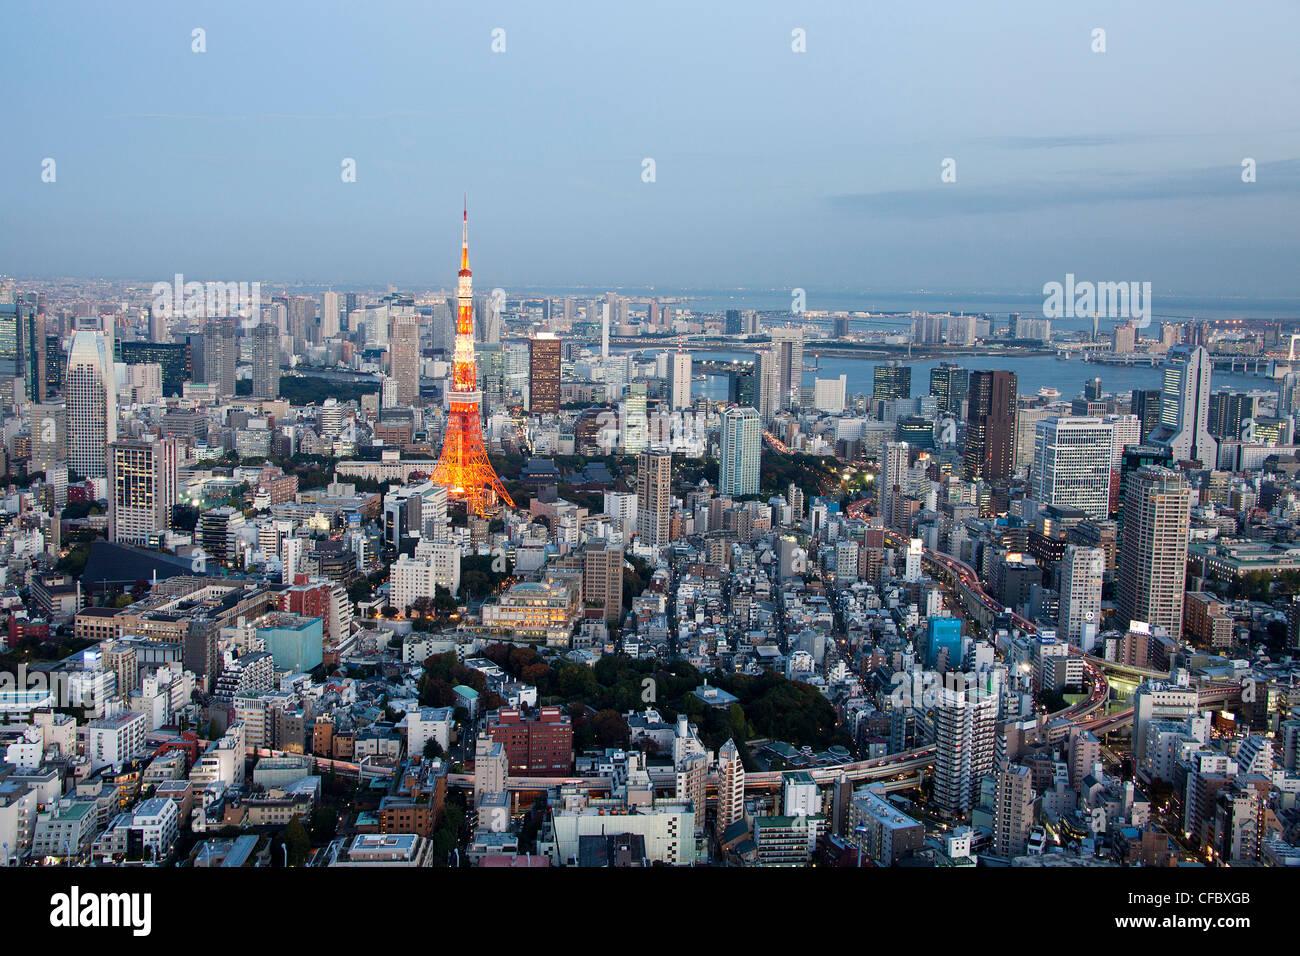 Le Japon, en Asie, Tokyo, ville, toits de Tokyo, Tour de Tokyo, de l'architecture, big, bâtiments, ville, Photo Stock